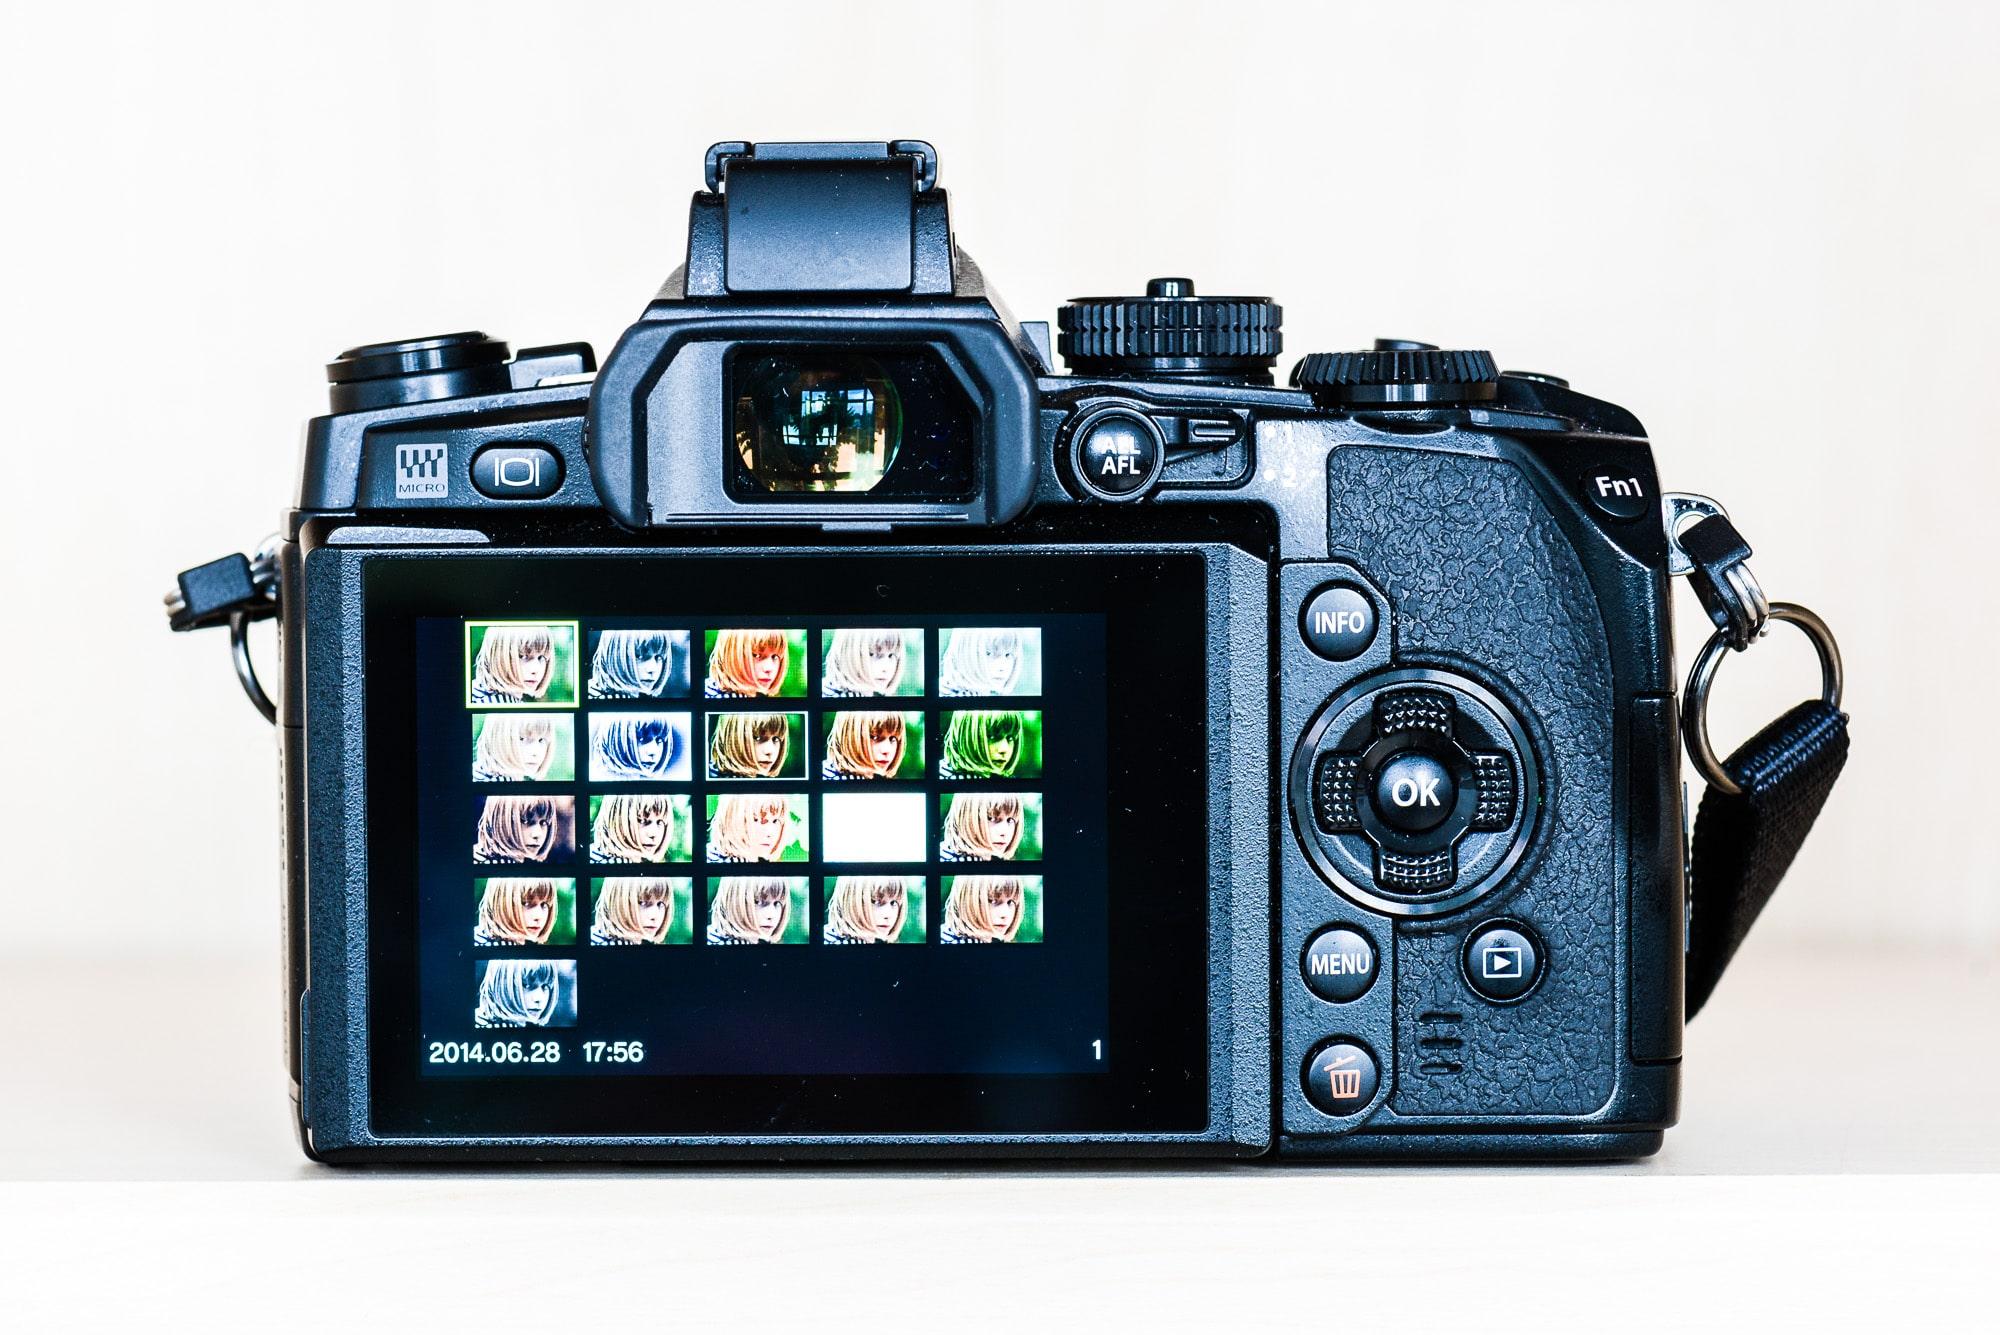 Fotos bearbeiten in der Olympus OM-D EM1